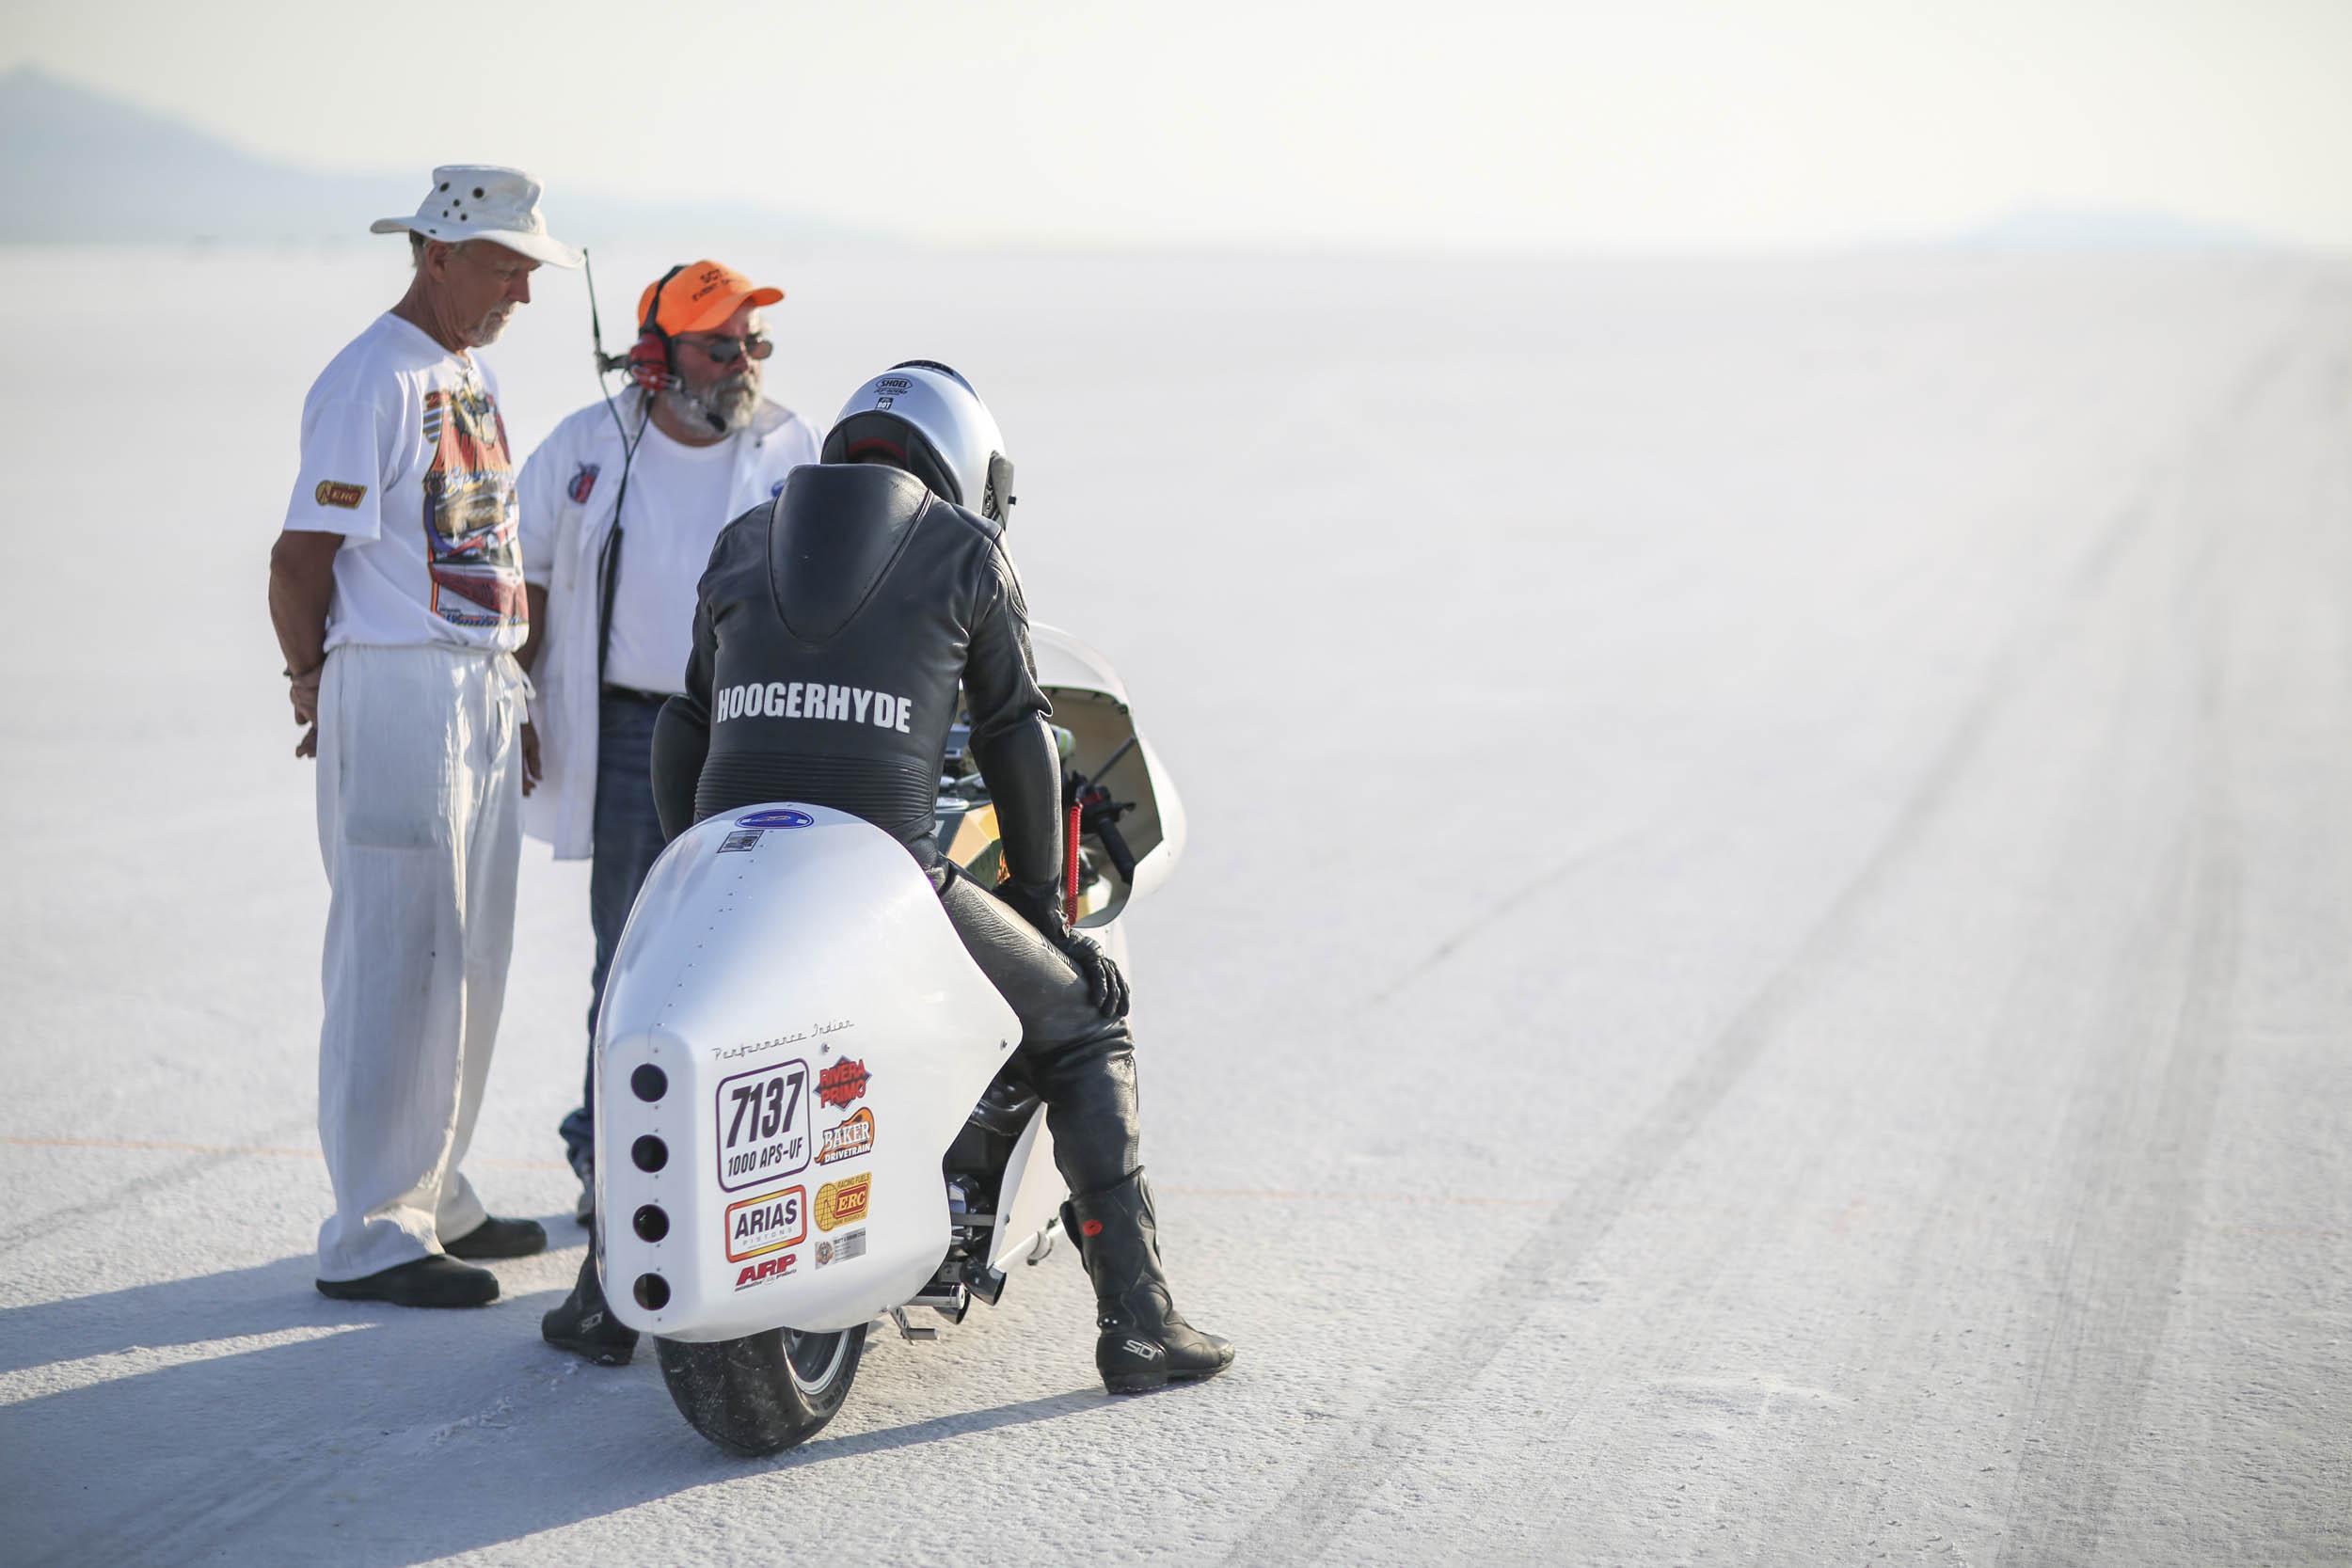 Hoogerhyde motorcycle